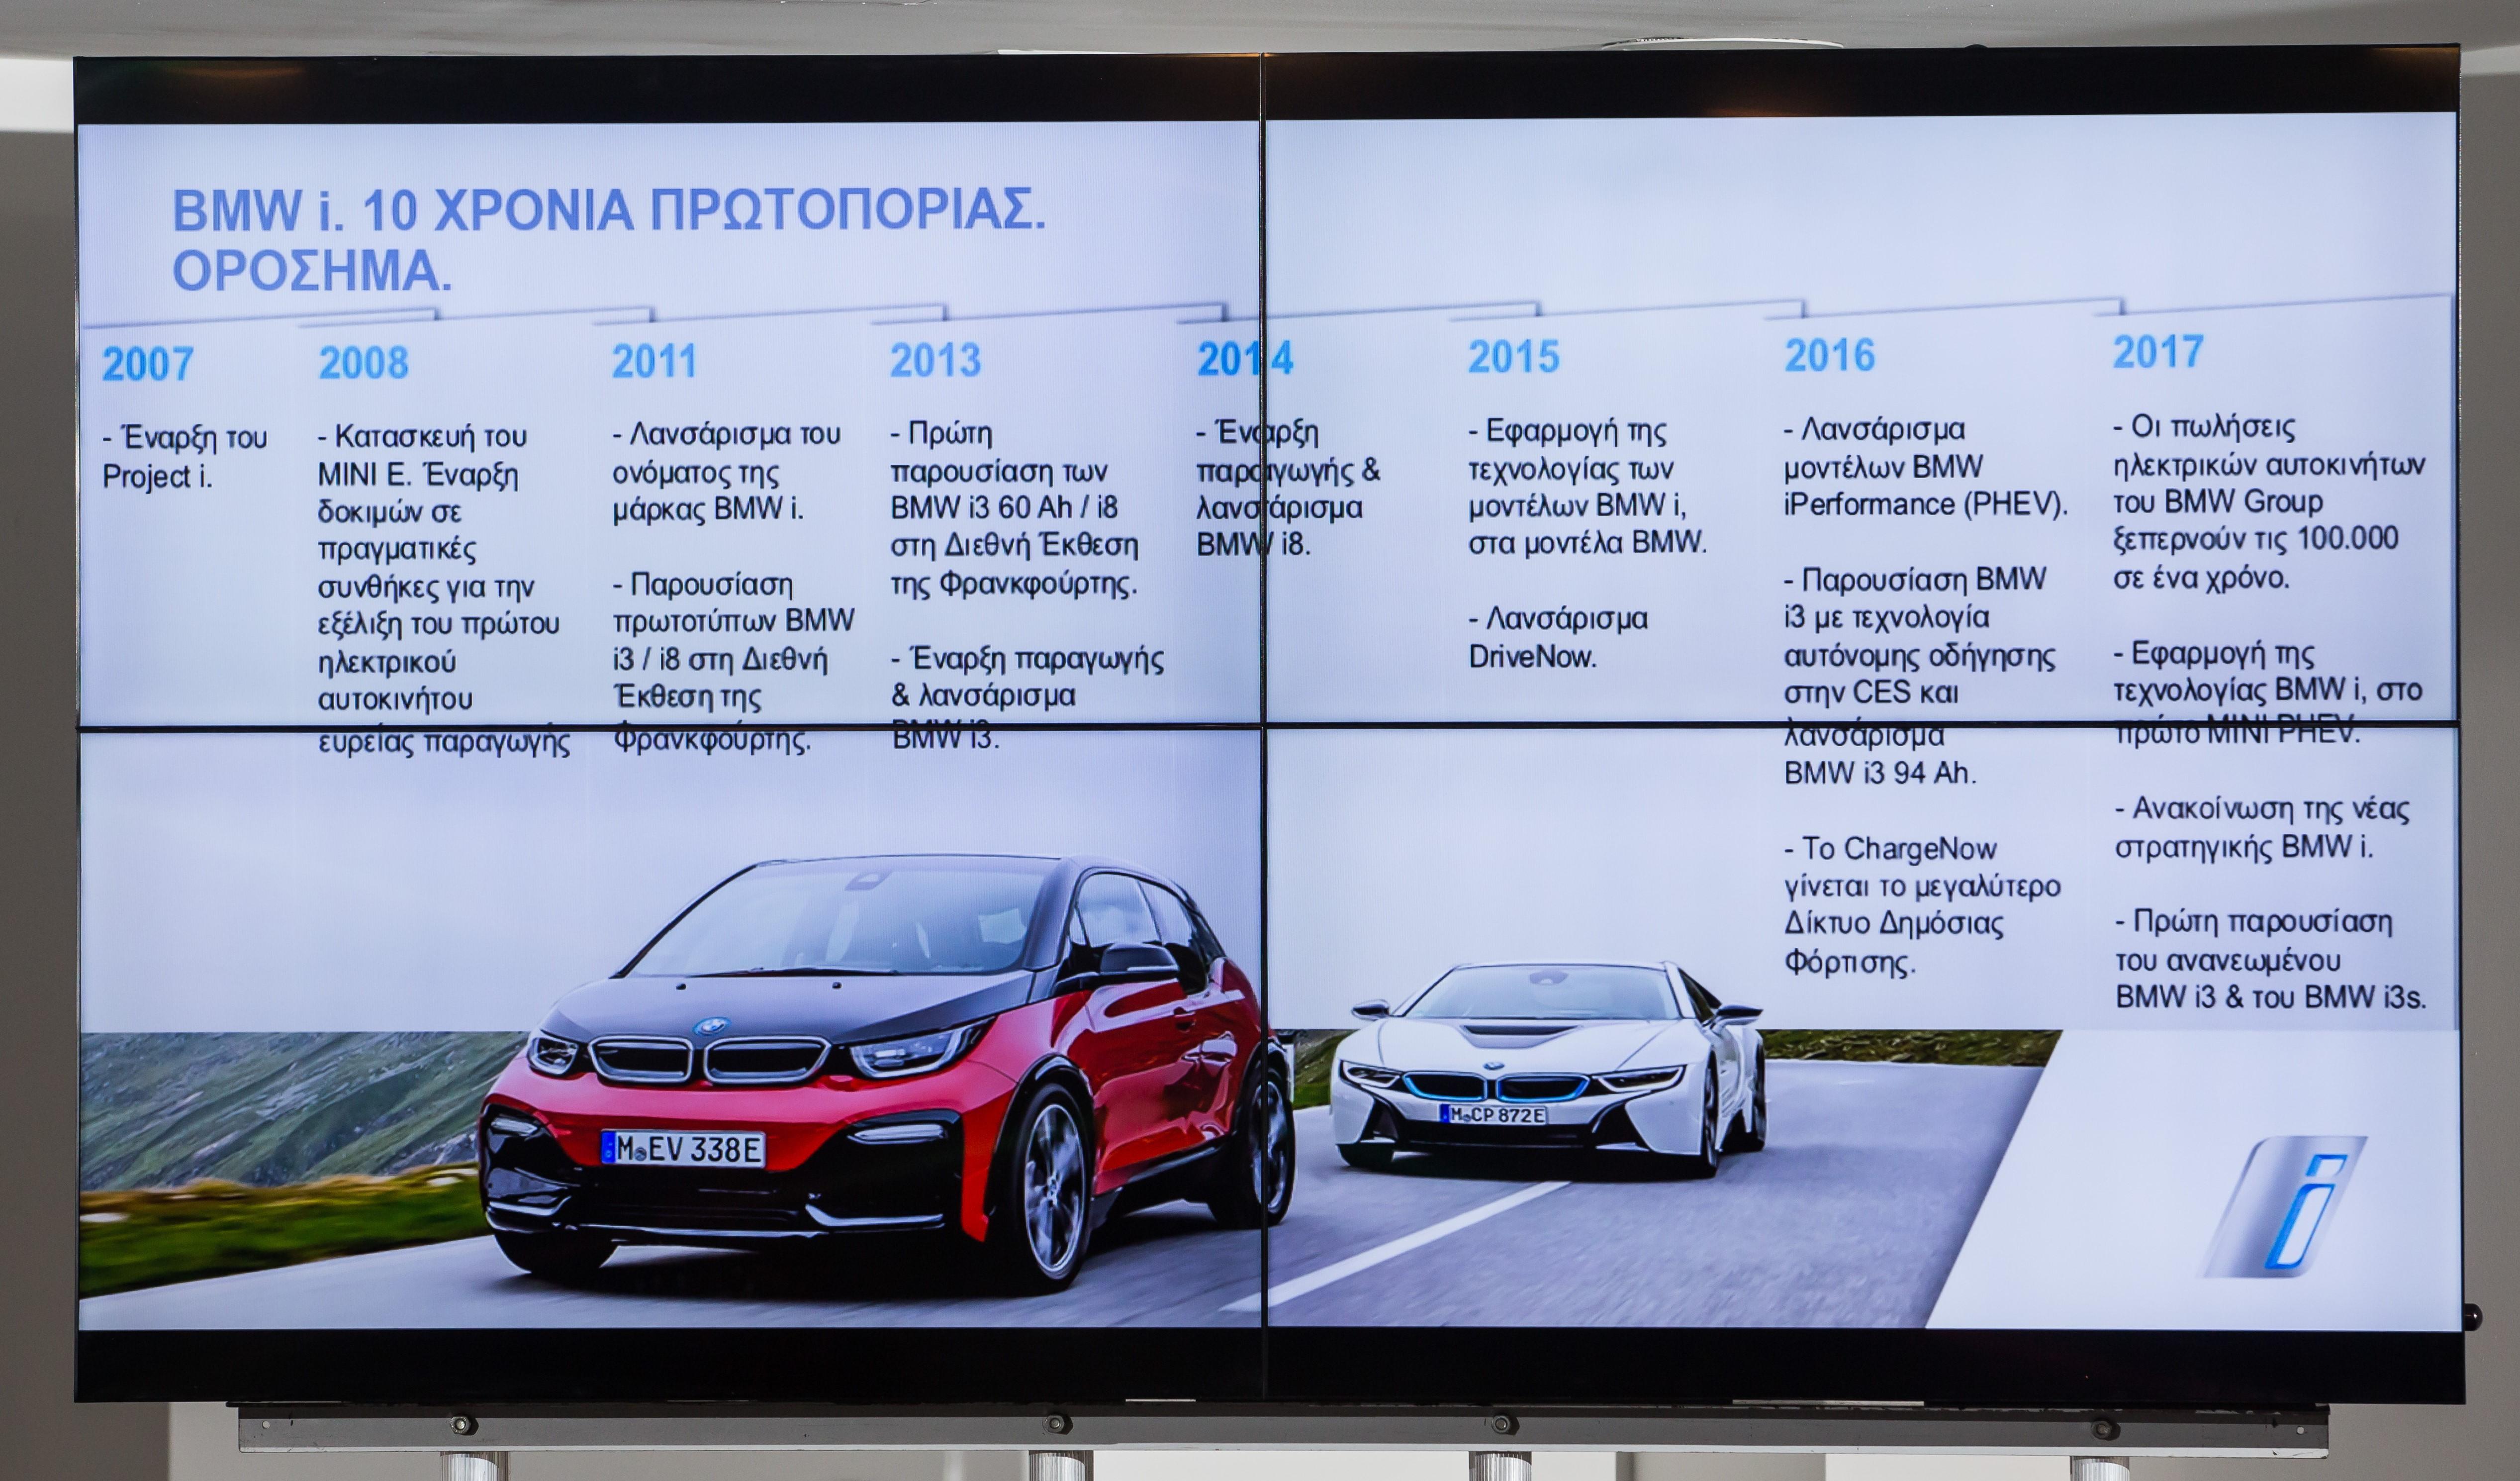 Το BMW i3 είναι ένα πρωτοποριακό μοντέλο σε μία νέα εποχή στο χώρο της μετακίνησης. Σαν παγκοσμίως αναγνωρισμένο σύμβολο βιωσιμότητας και ευφυούς συνδεσιμότητας για μετακινήσεις στην πόλη, έχει γίνει το δημοφιλέστερο ηλεκτρικό αυτοκίνητο στην premium compact κατηγορία.  Η συνταγή επιτυχίας του BMW i3 (με τιμές από 39.350 ευρώ) βελτιώνεται τώρα με ανανεωτικές, στιλιστικές πινελιές, προηγμένα στοιχεία εξοπλισμού και νέες ψηφιακές υπηρεσίες, αλλά και με την προσθήκη μιας νέας έκδοσης. Ντεμπούτο δίπλα στη νέα έκδοση του πρώτου premium μοντέλου που σχεδιάστηκε εξ αρχής ως ηλεκτροκίνητο κάνει το BMW i3s. Με υψηλότερη ισχύ, ειδική τεχνολογία πλαισίου, πιο δυναμική συμπεριφορά και δικά του σχεδιαστικά χαρακτηριστικά, παράγει ένα δυνατό κοκτέιλ απαράμιλλης, σπορ οδηγικής απόλαυσης που σχετίζεται με τα ηλεκτρικά μοντέλα του BMW Group. Προσφέροντας μία ανώτερη εμπειρία ηλεκτροκίνησης με μηδενικούς ρύπους, σε συνδυασμό με ένα νέο επίπεδο τεχνολογίας συνδεσιμότητας, και τα δύο μοντέλα αντιπροσωπεύουν το μέλλον της αστικής μετακίνησης.  Το BMW i3 ηγείται της κατηγορίας premium ηλεκτρικών οχημάτων από το 2014, όχι μόνο στην Ευρώπη, αλλά και σε όλο τον κόσμο. Στη Γερμανία, κατέχει την πρώτη θέση στις ταξινομήσεις νέων οχημάτων στην κατηγορία ηλεκτρικών μοντέλων συνολικά από το 2014. Όμως, δεν είναι μόνο τα οραματικά, ηλεκτρικά οχήματα και η εμπνευσμένη σχεδίαση που κάνουν την BMW i δημοφιλή αλλά και οι καινοτόμες λύσεις μετακίνησης και η επαναστατική, νέα εκδοχή της έννοιας premium, με πρωταρχικό στοιχείο τη βιωσιμότητα. Προσφέροντας τέτοια προϊόντα και υιοθετώντας μία ολοκληρωμένη μέθοδο που λαμβάνει υπόψη όλο τον κύκλο ζωής – από την παραγωγή πρώτων υλών μέχρι την κατασκευή και λειτουργία των οχημάτων και στη συνέχεια την ανακύκλωση – η μάρκα BMW i έχει καθιερωθεί ως πρωτοπόρος στον τομέα της προηγμένης μετακίνησης.  Ηλεκτροκινητήρας BMW eDrive σε δύο εκδόσεις ισχύος, μπαταρία υψηλής τάσης με μεγάλη χωρητικότητα 94 Ah/33kWh, προαιρετικός κινητήρας επέκτασης αυτονομίας.  Η οδηγική